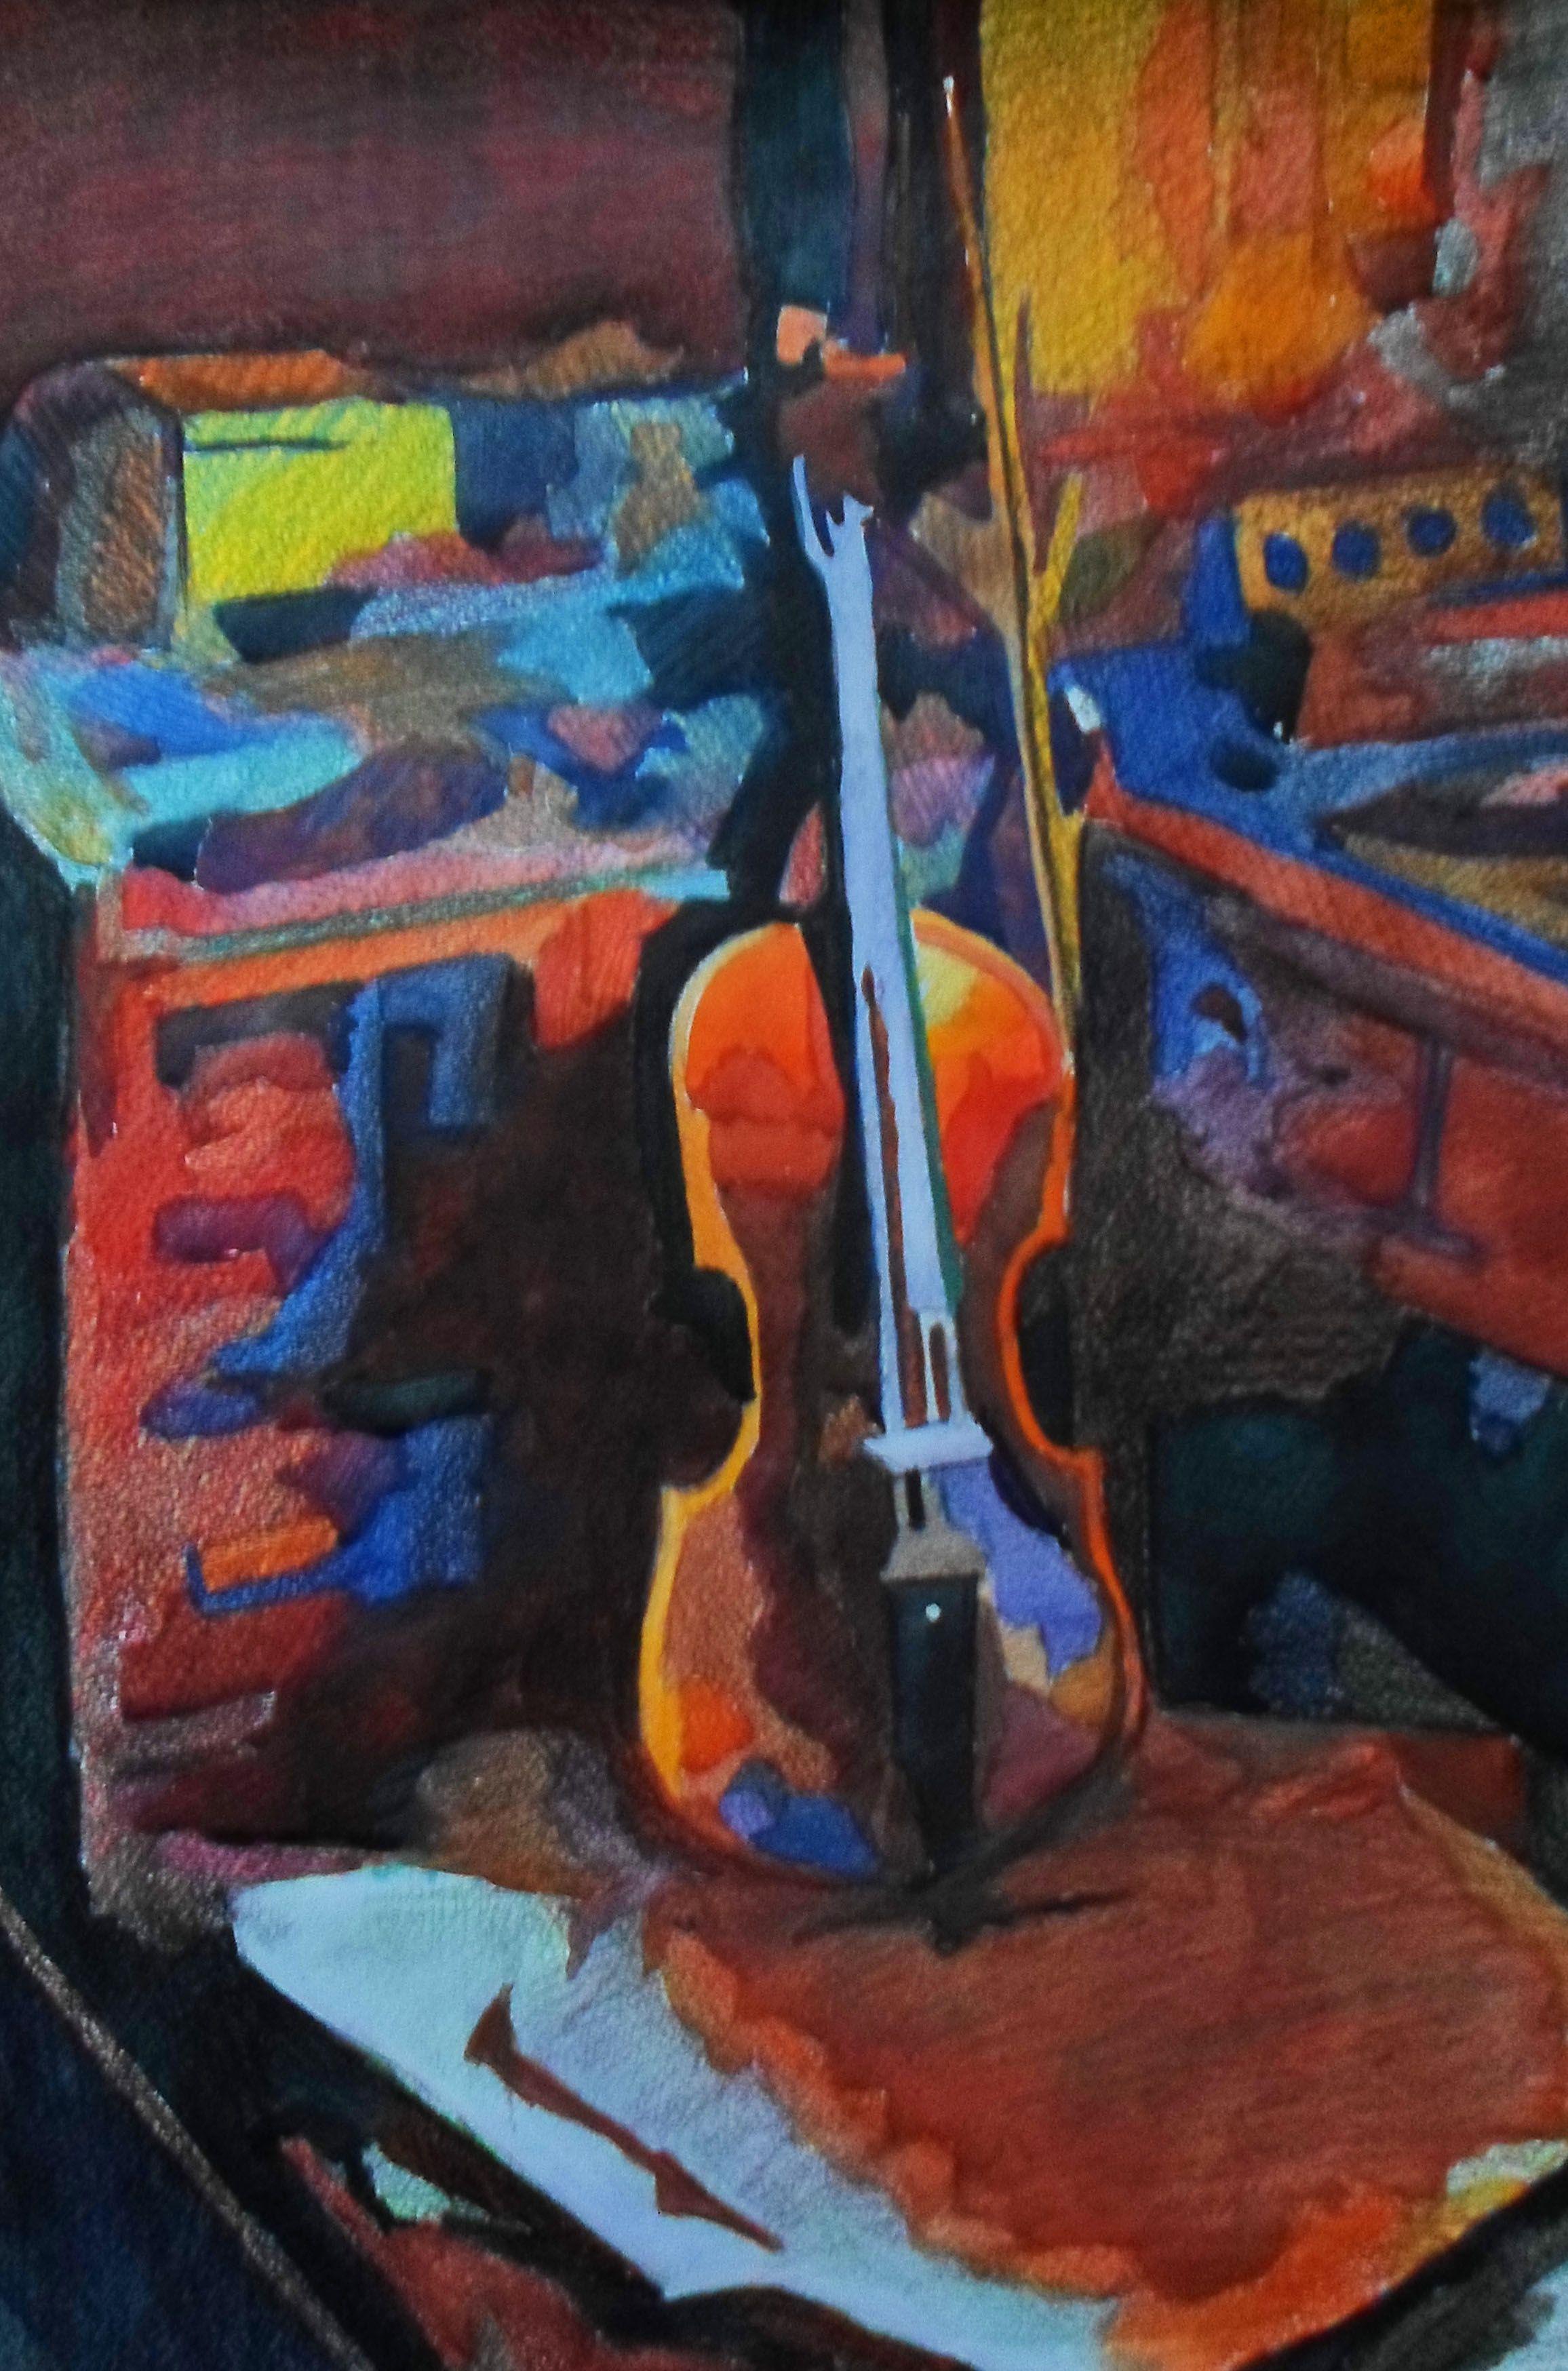 изобразительное акварельные интерьер живопись карандаши акварель искусство натюрморт современное